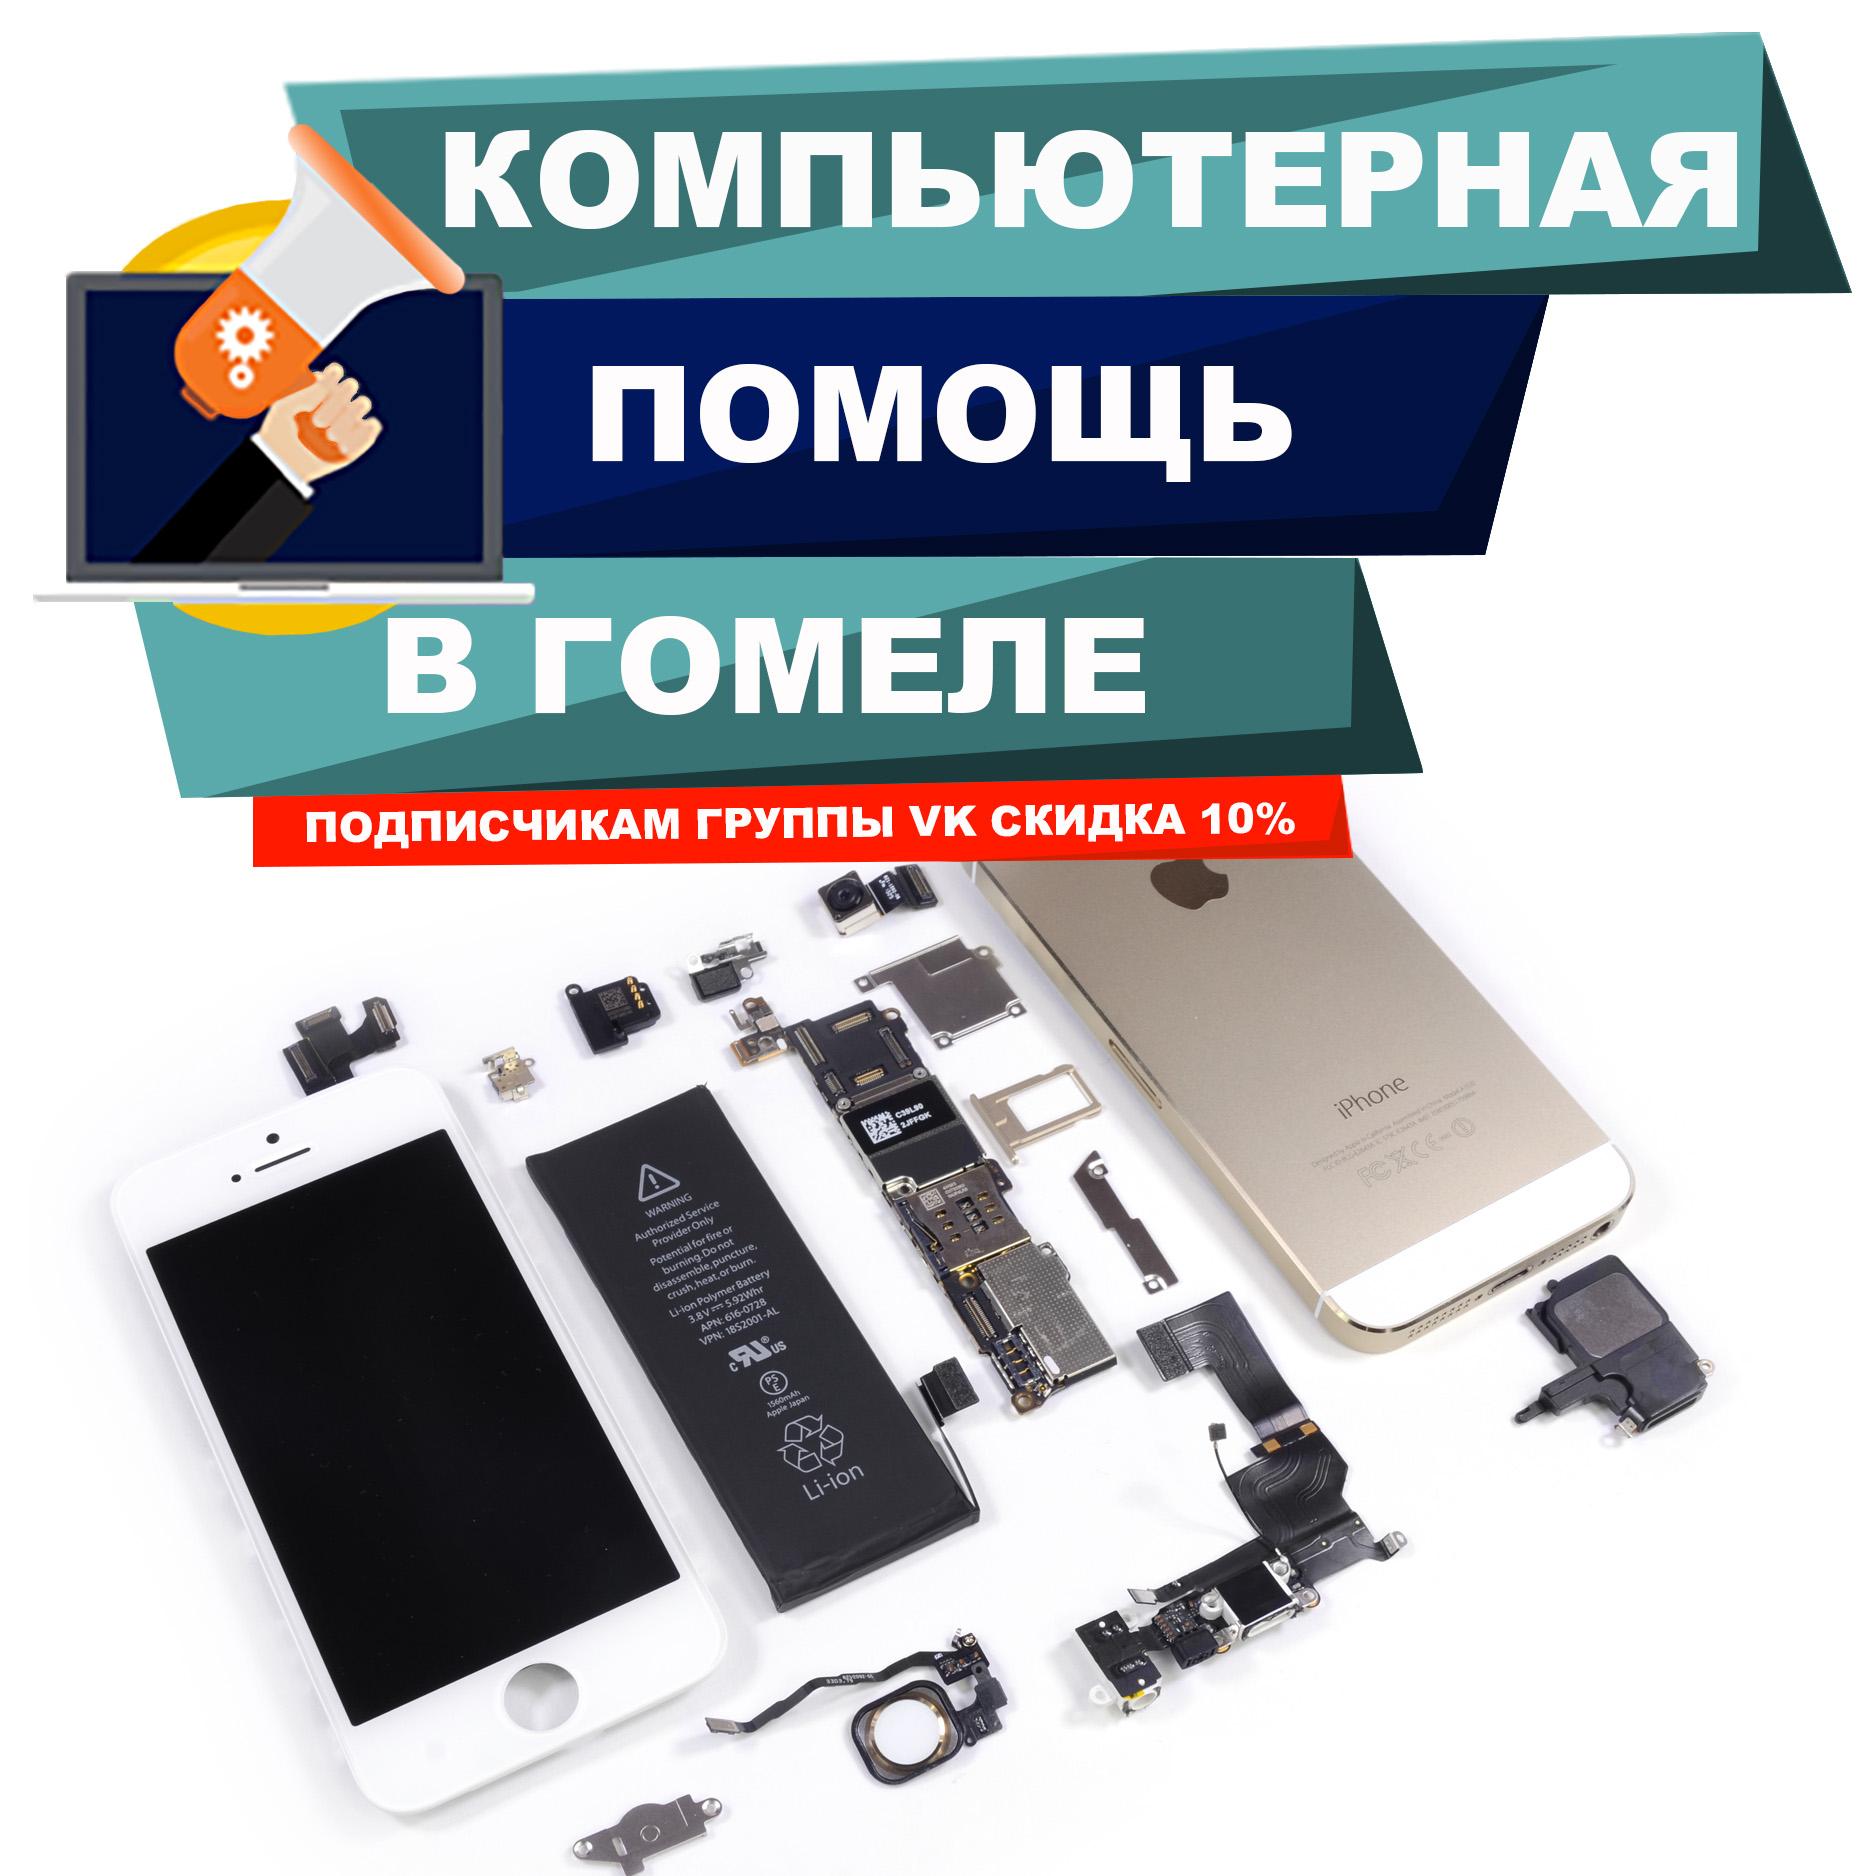 proshivka_telephona4